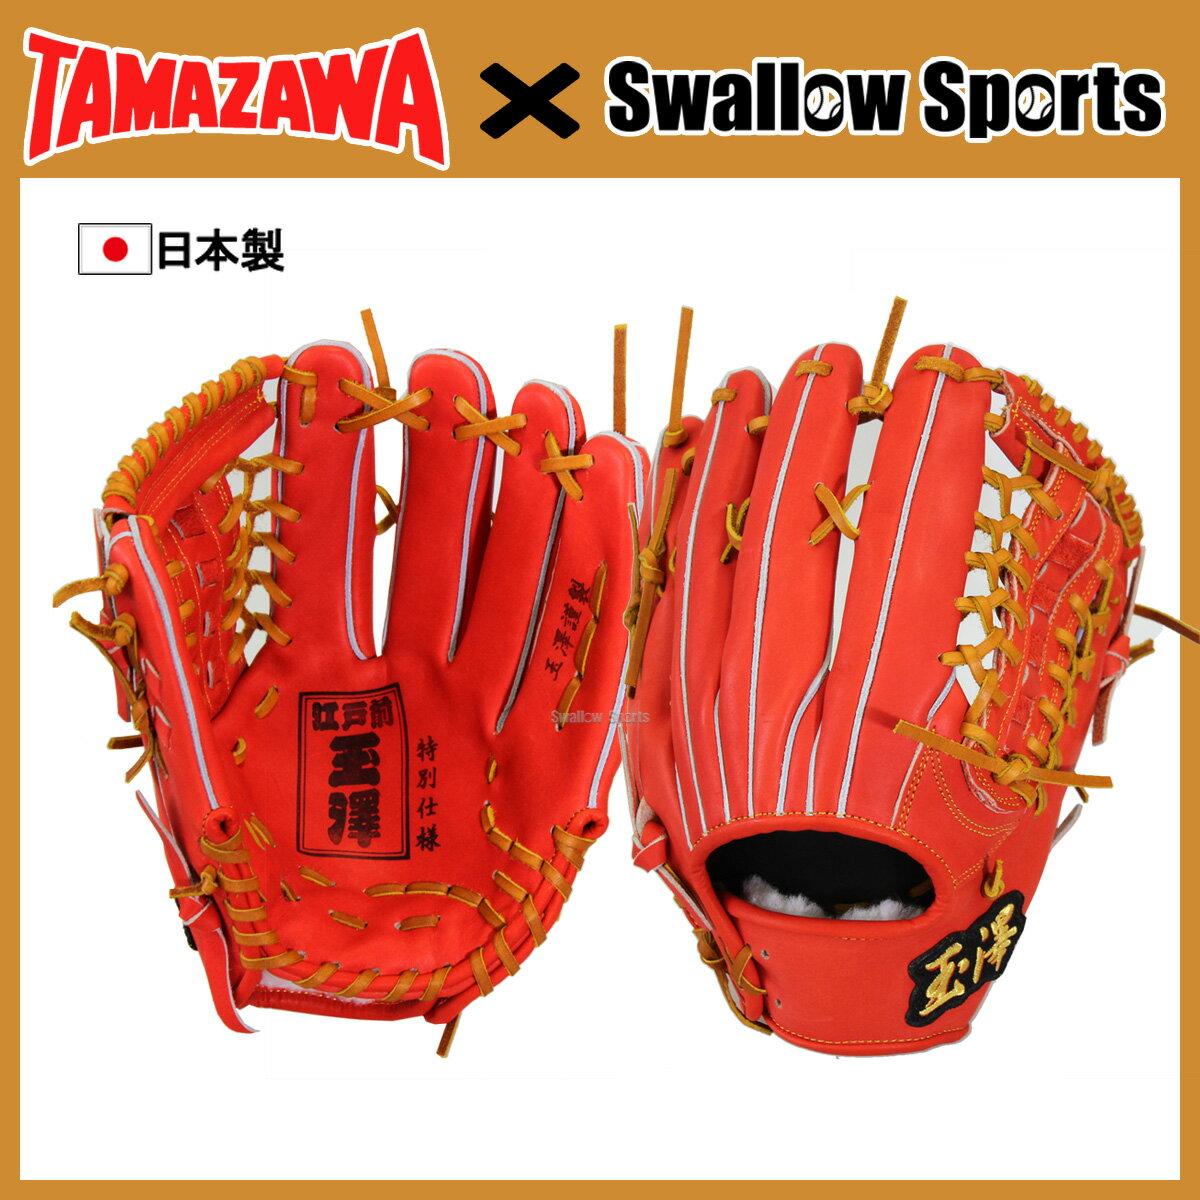 【あす楽対応】 玉澤 タマザワ スワロー限定 カンタマ 硬式グラブ 外野手用 グローブ TMZW-K3SW グラブ グローブ 硬式用 野球用品 スワロースポーツ